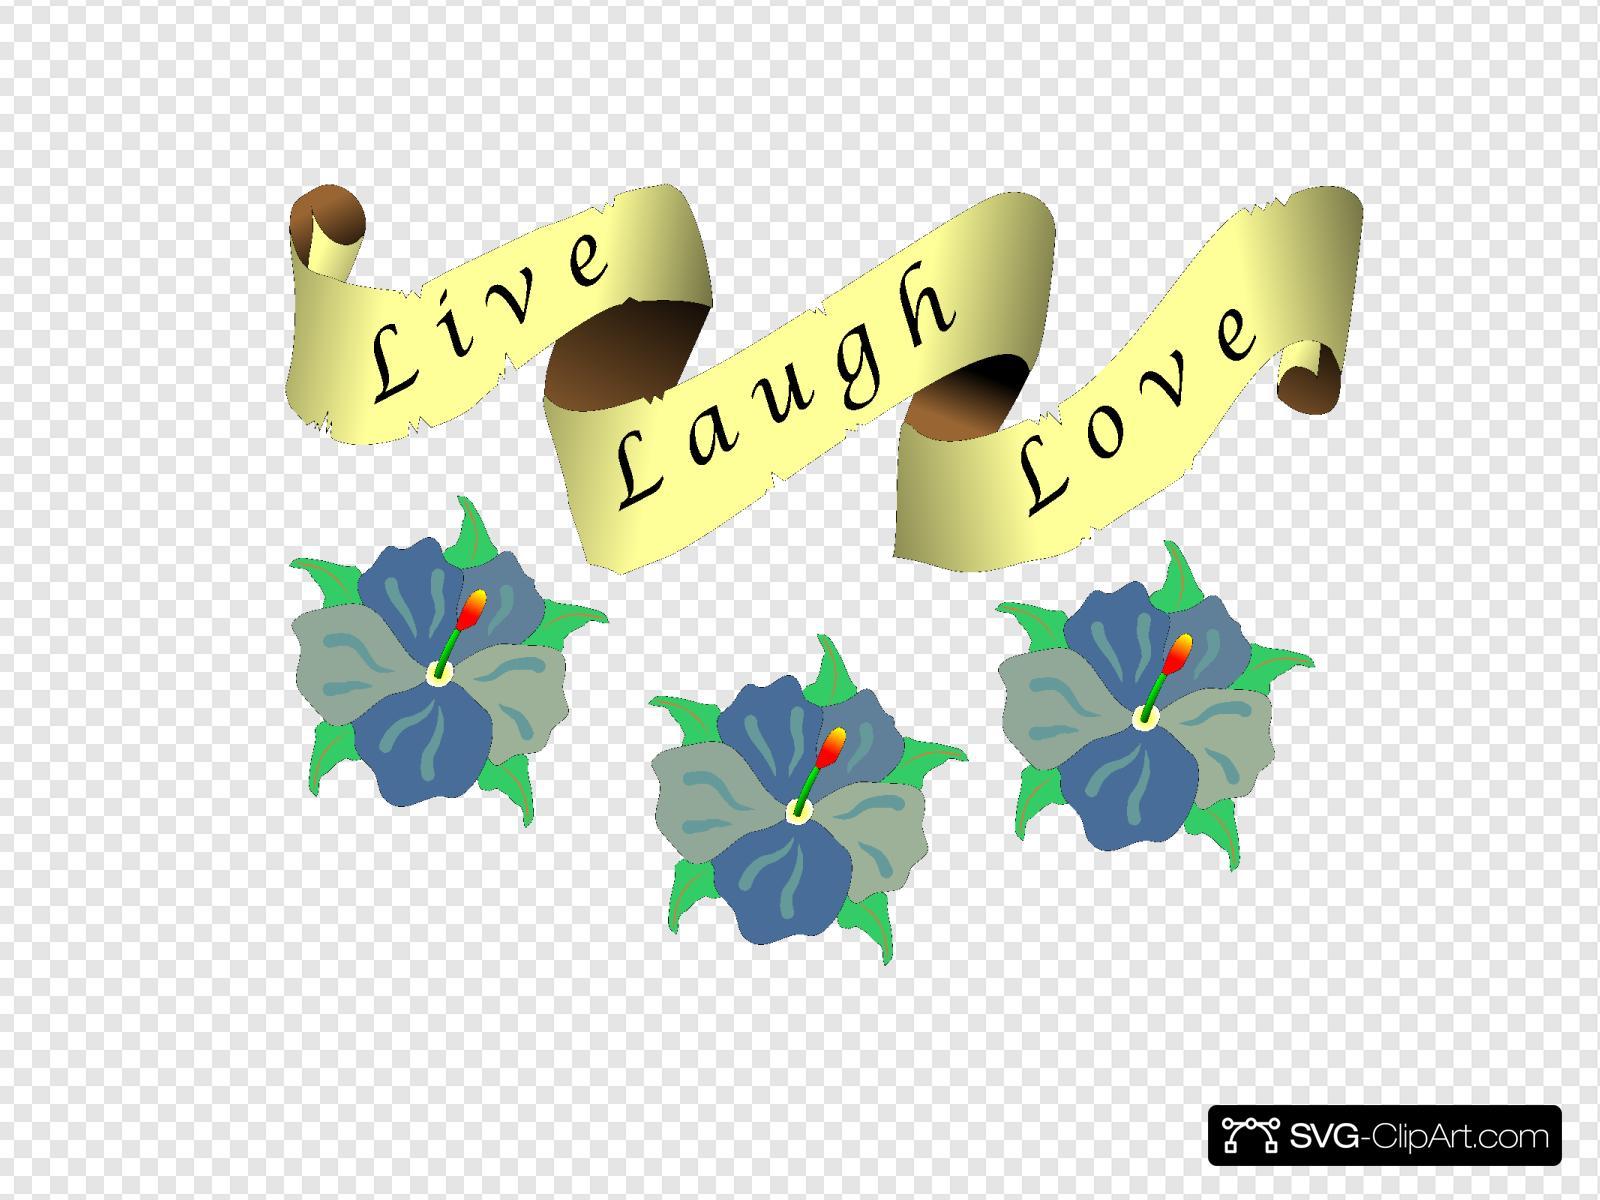 Live Laugh Love Svg Vector Live Laugh Love Clip Art Svg Clipart